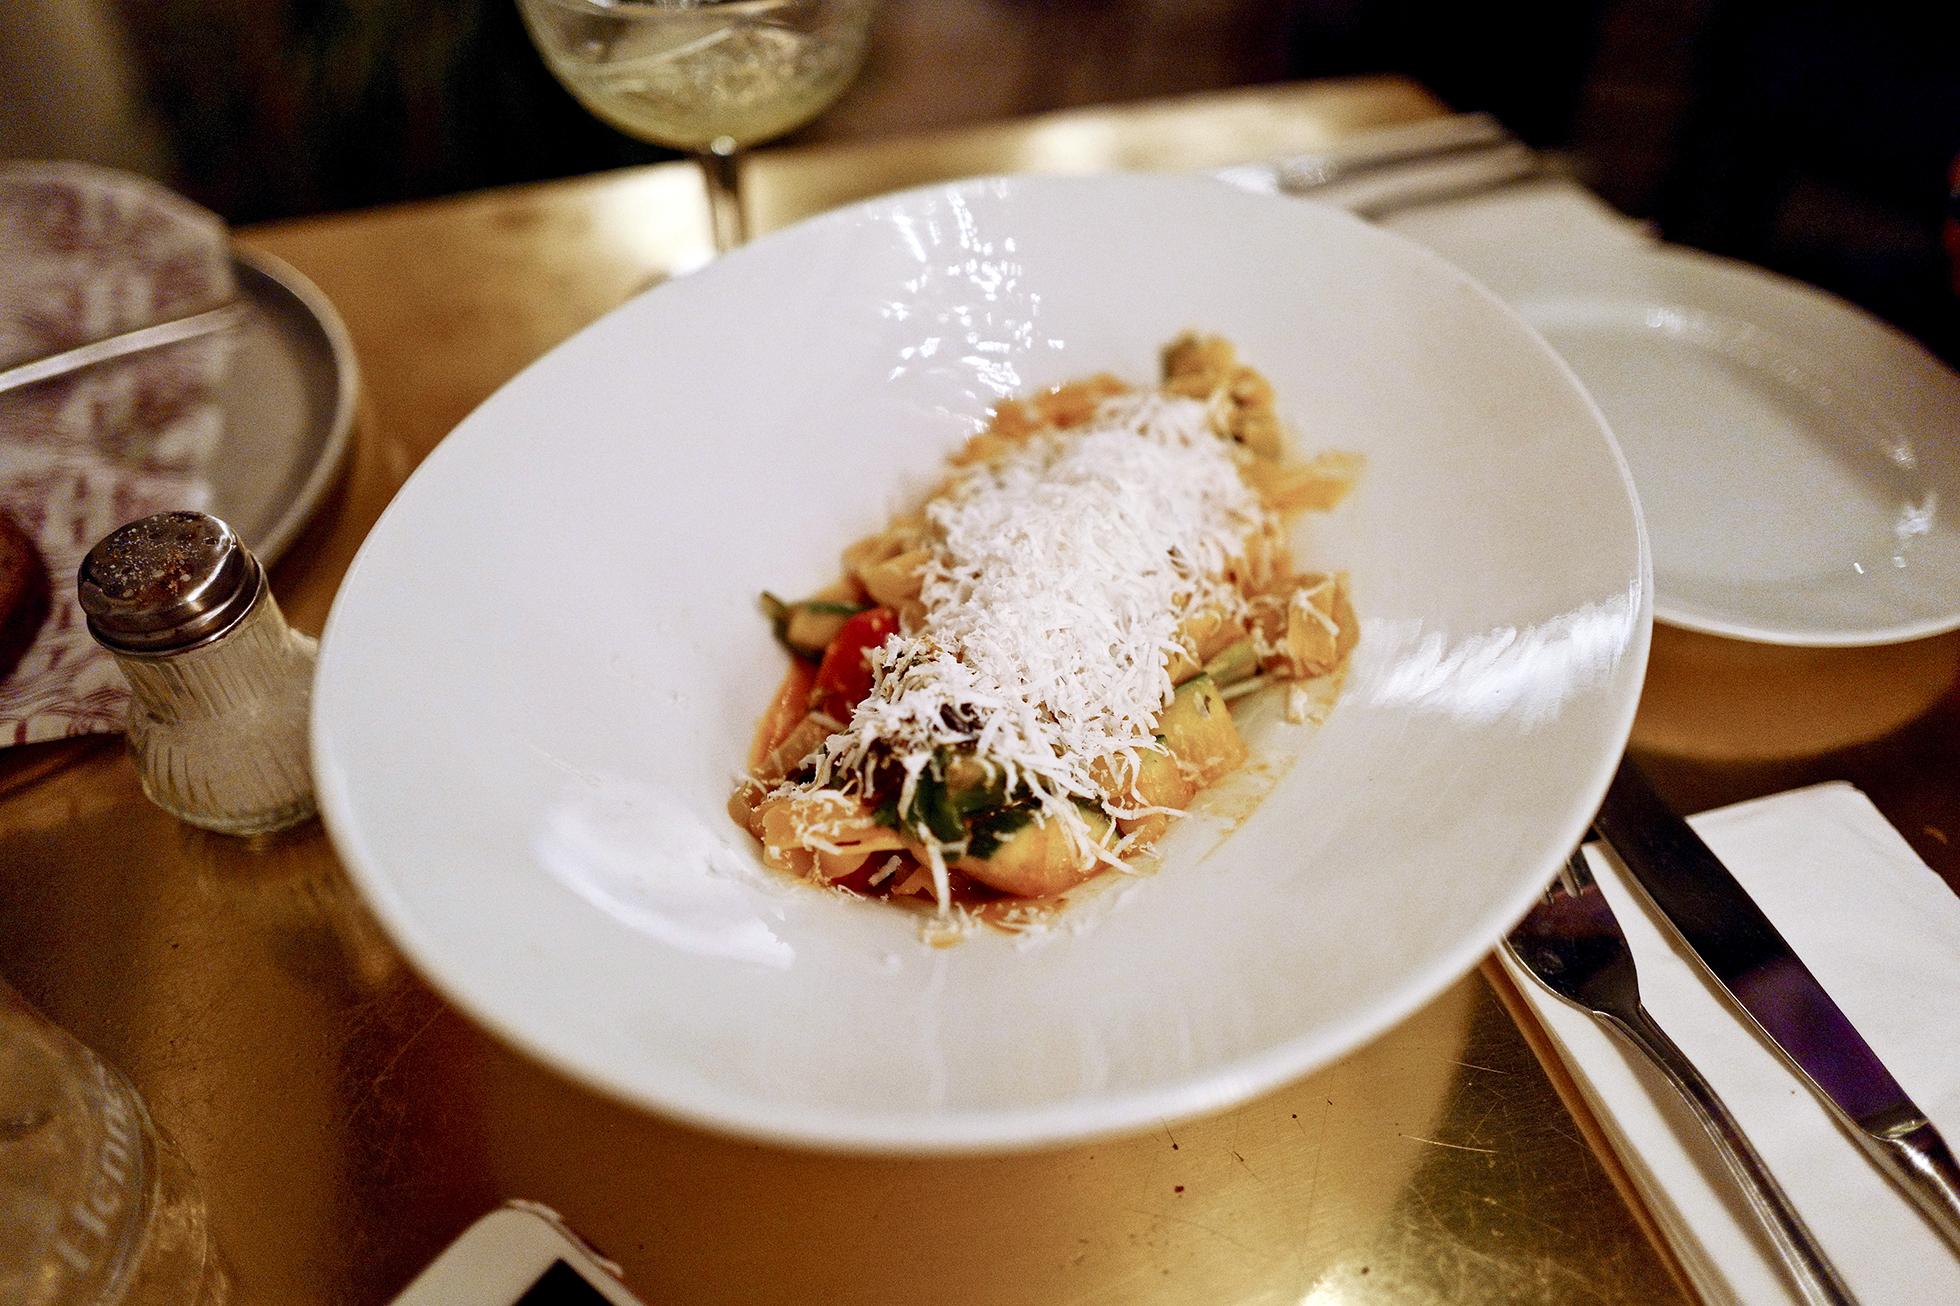 bianca dinner telaviv blogg